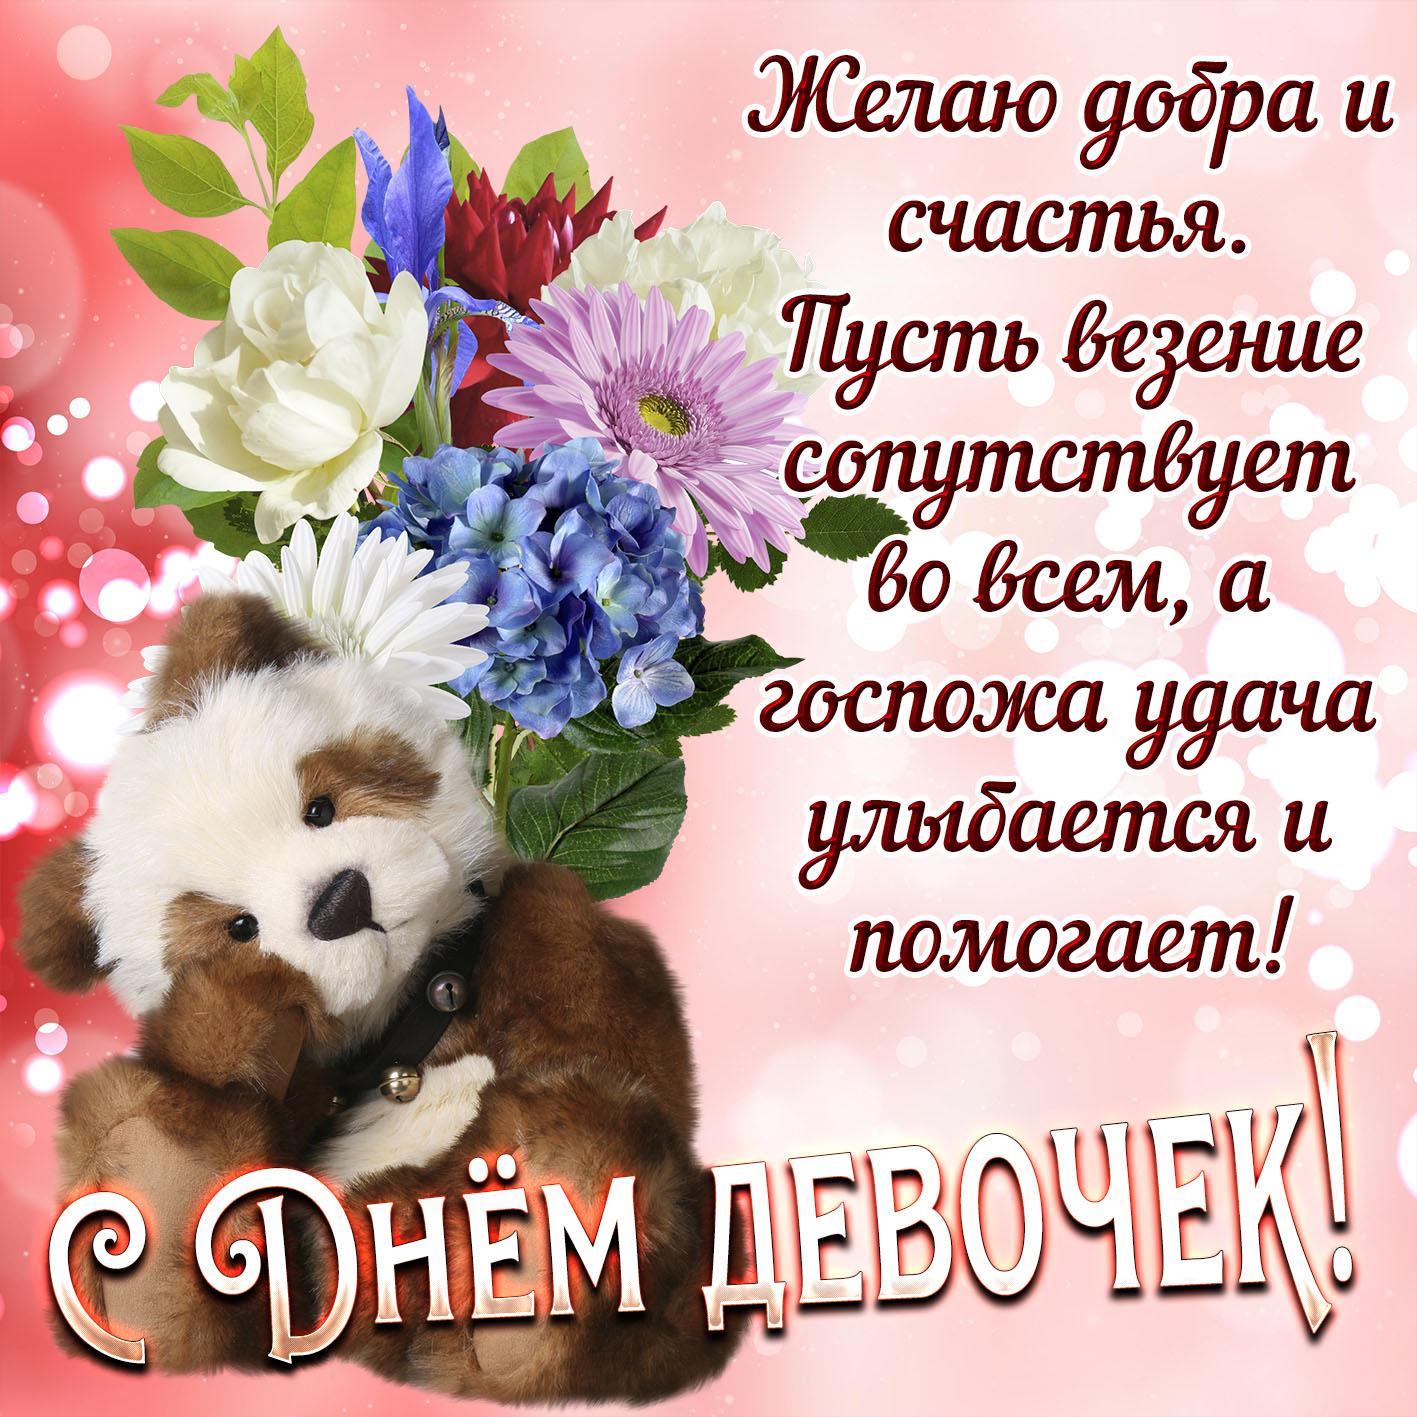 Открытка - плюшевый медвежонок с букетом цветов на День девочек